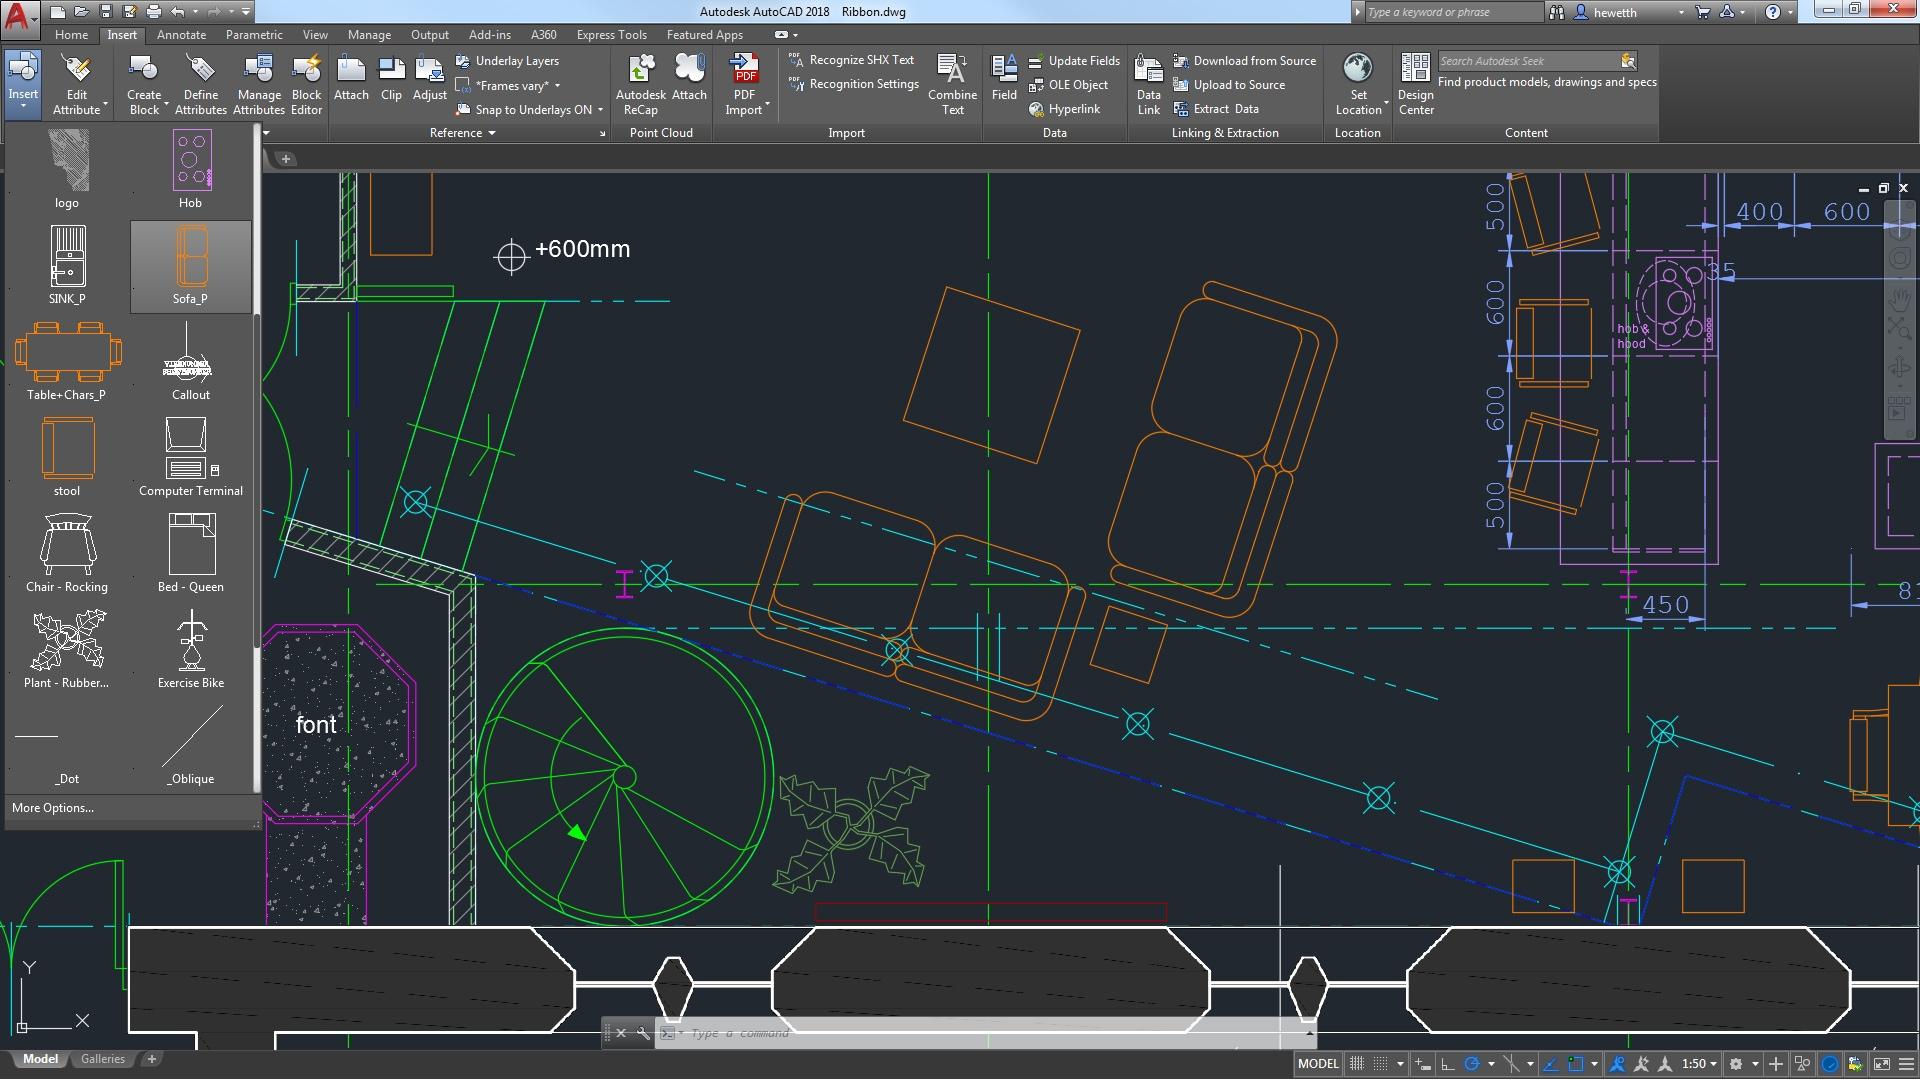 Co Nowego W Programie Autocad 2019 Funkcje Autodesk